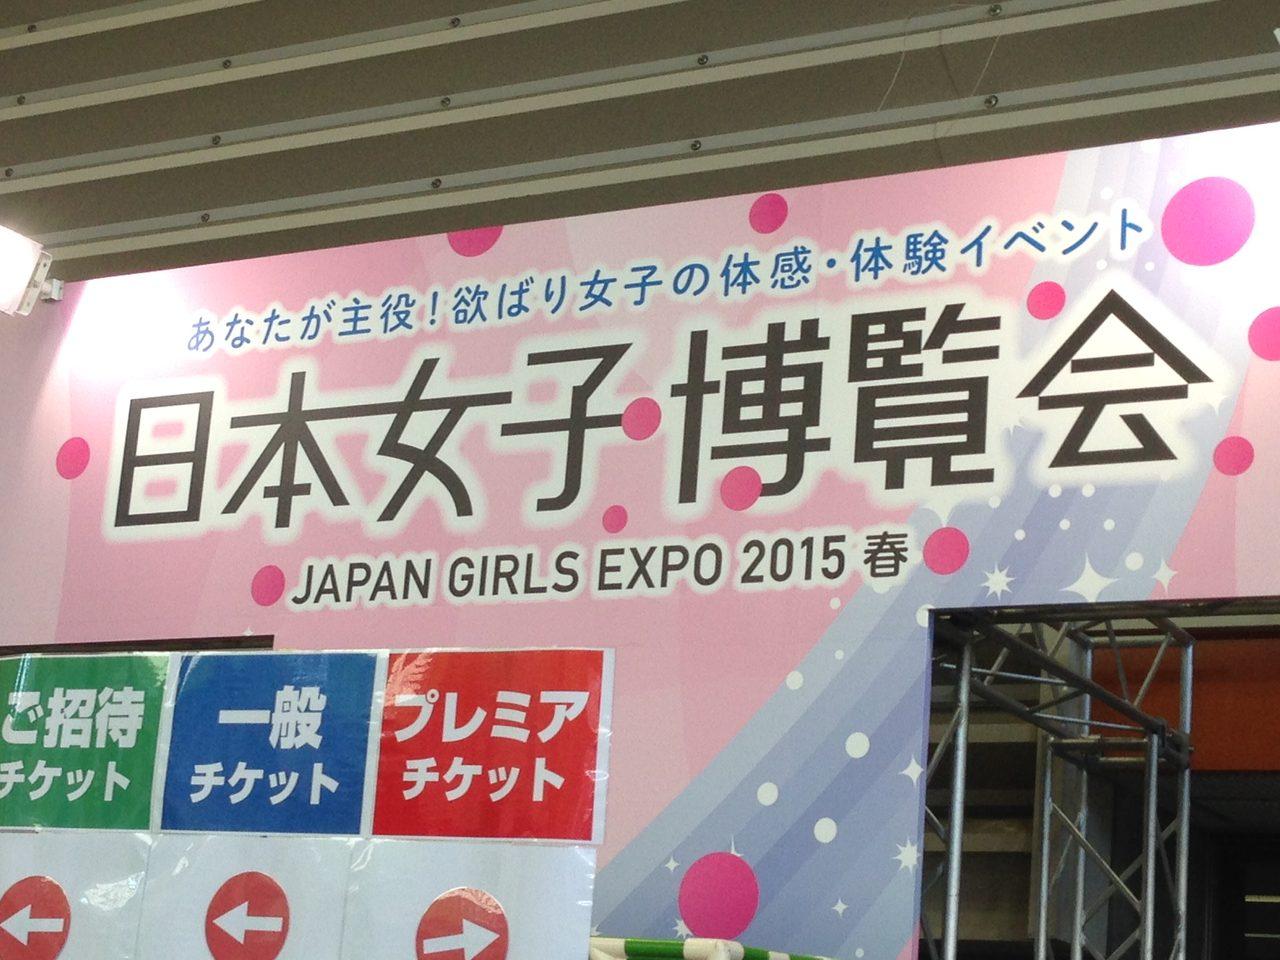 画像1: ガールズカルチャーを集めた夢の祭典「日本女子博覧会」に行ってきた